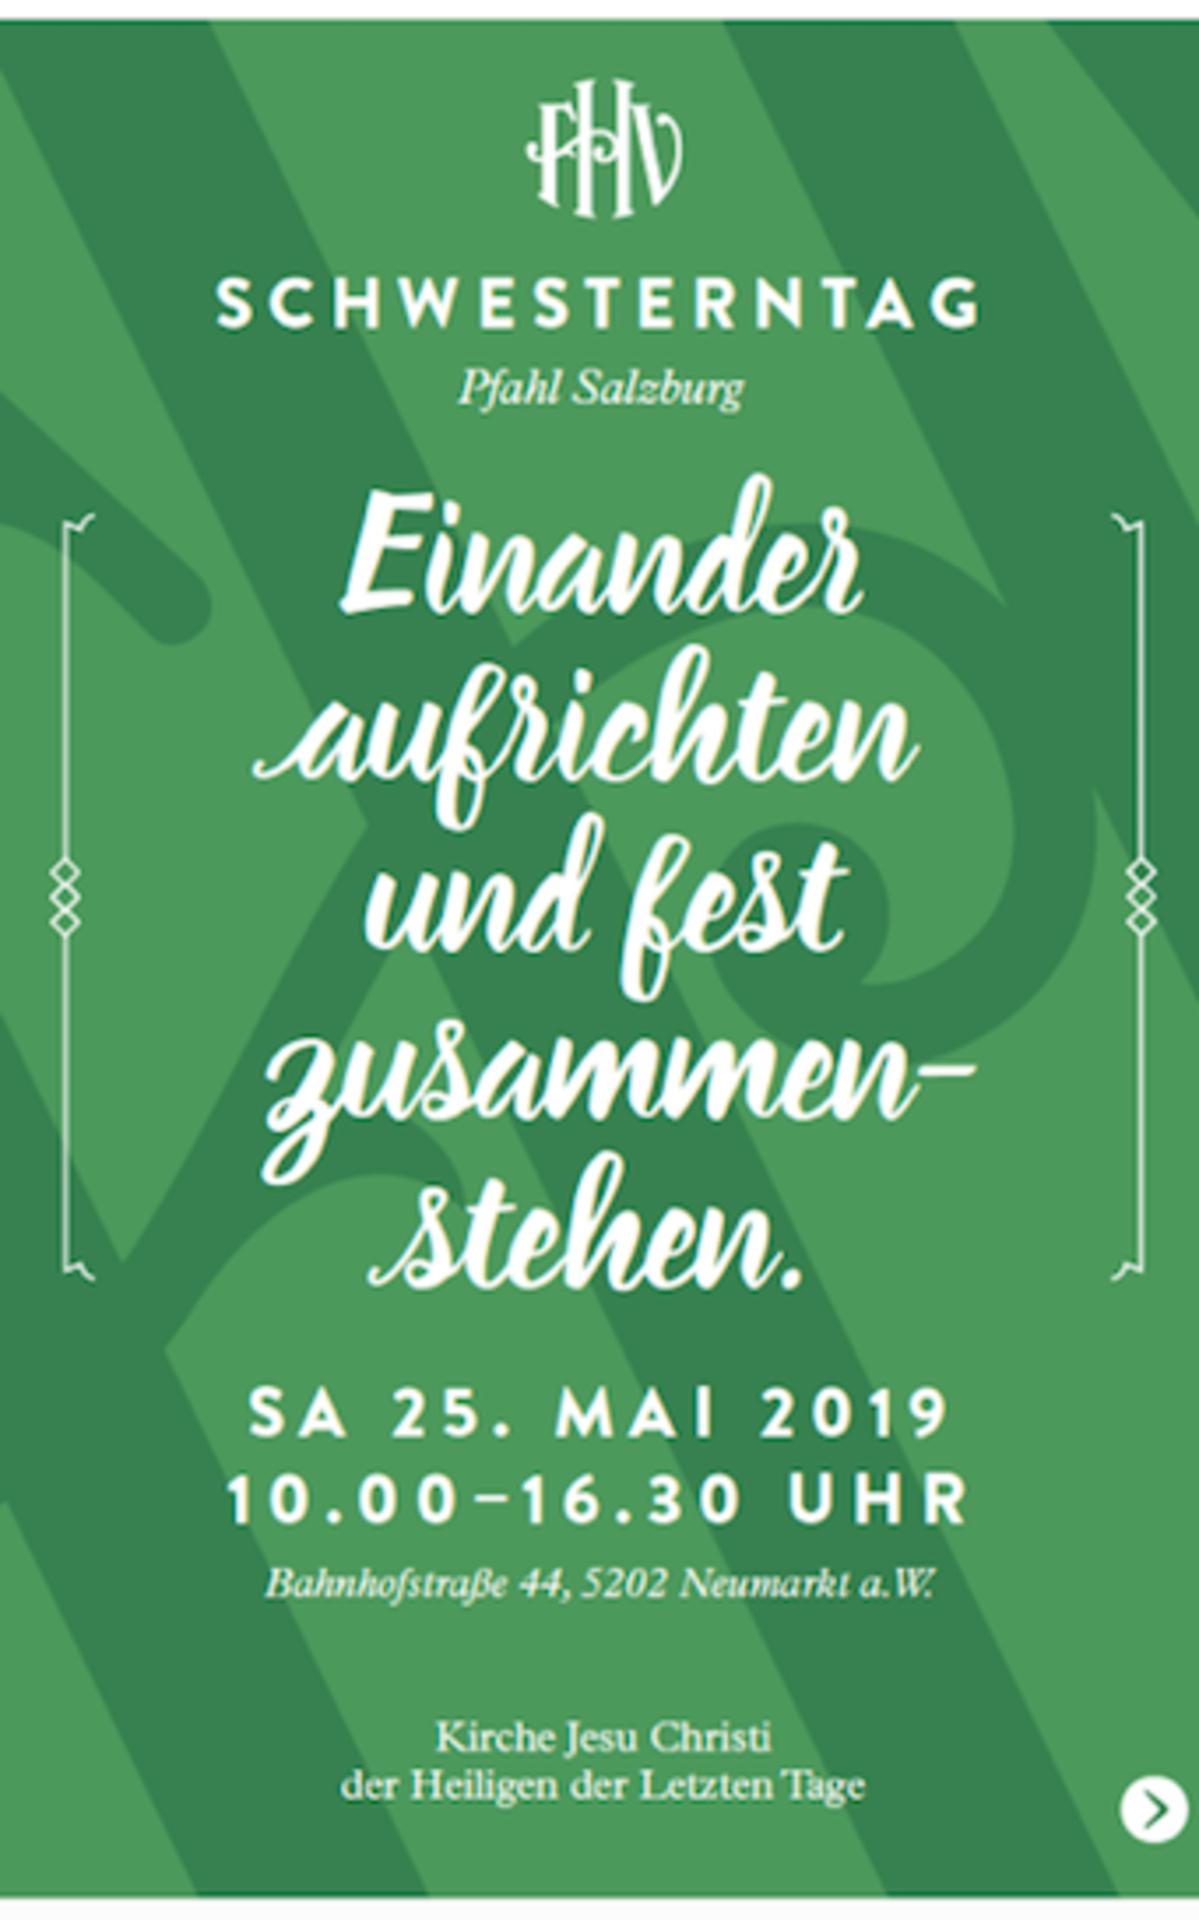 Am 25. Mai 2019 treffen sich Frauen und Freundinnen aus dem Pfahl Salzburg zu Workshops und Aktivitäten